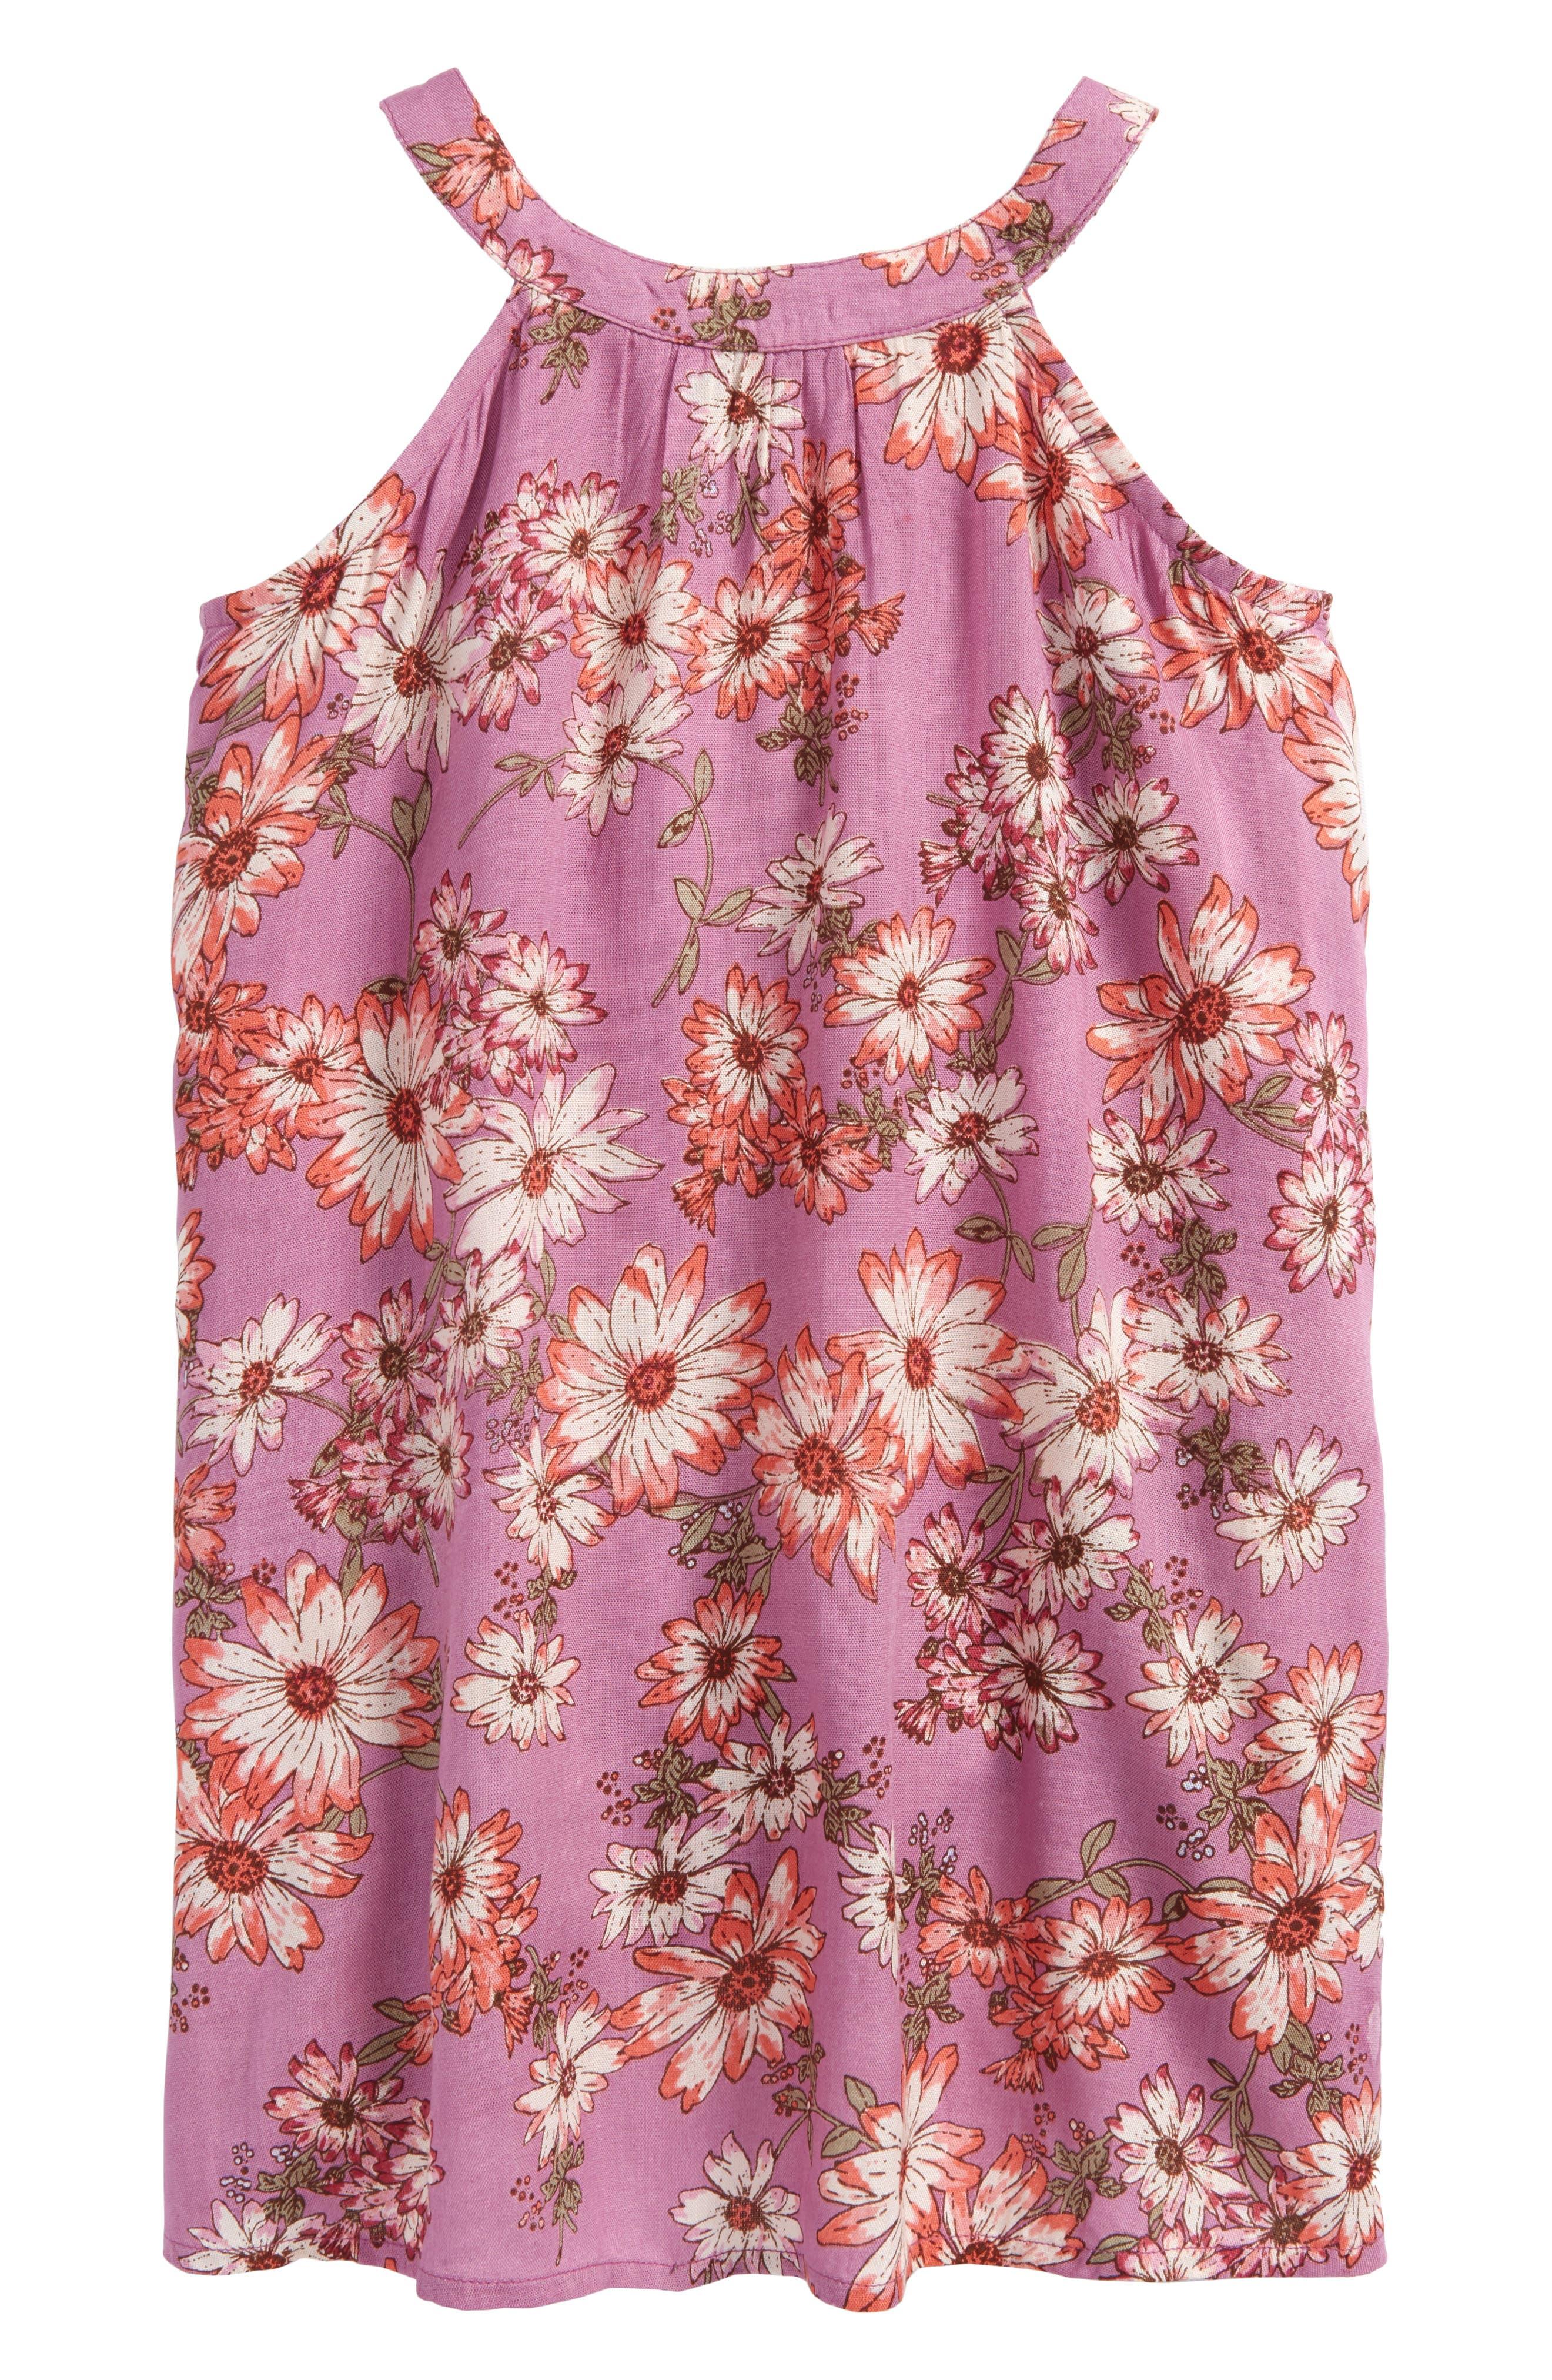 Sallie Floral Dress,                             Alternate thumbnail 2, color,                             Dusty Lavender